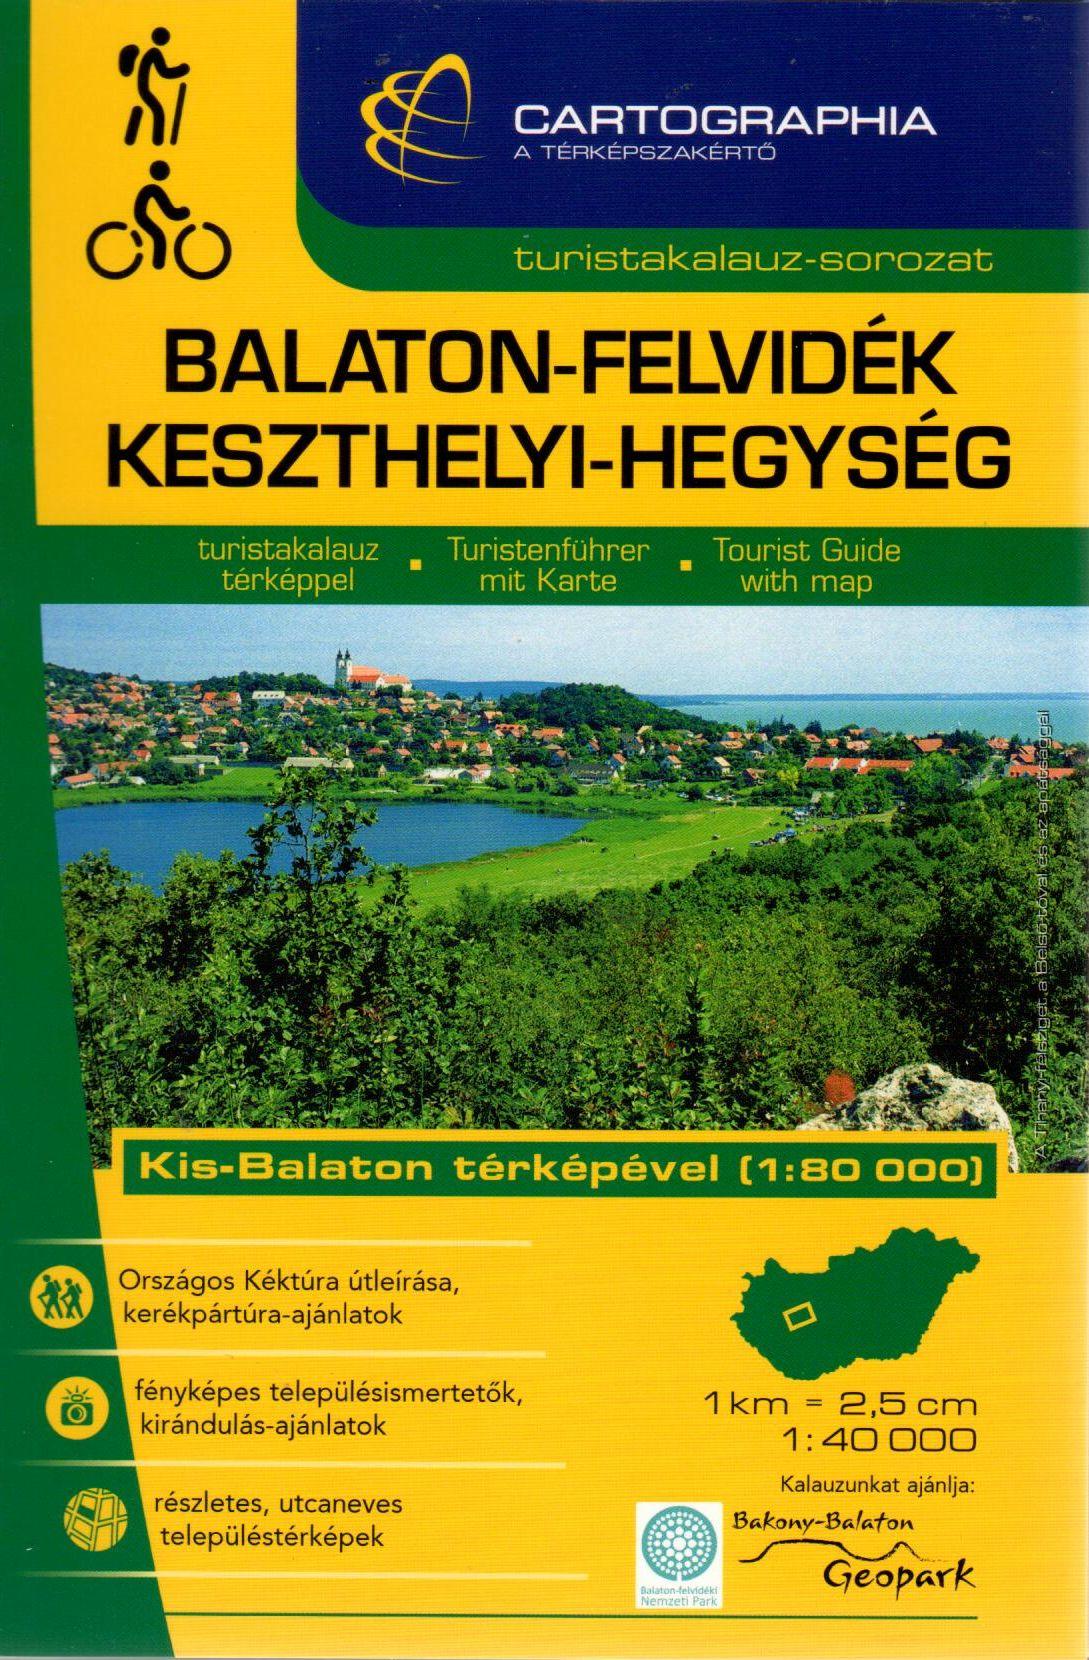 Including city maps: Balatonalmádi, Balatonfüred, Hévíz, Keszthely, Nagyvázsony, Sümeg, Tapolca, Tihany.